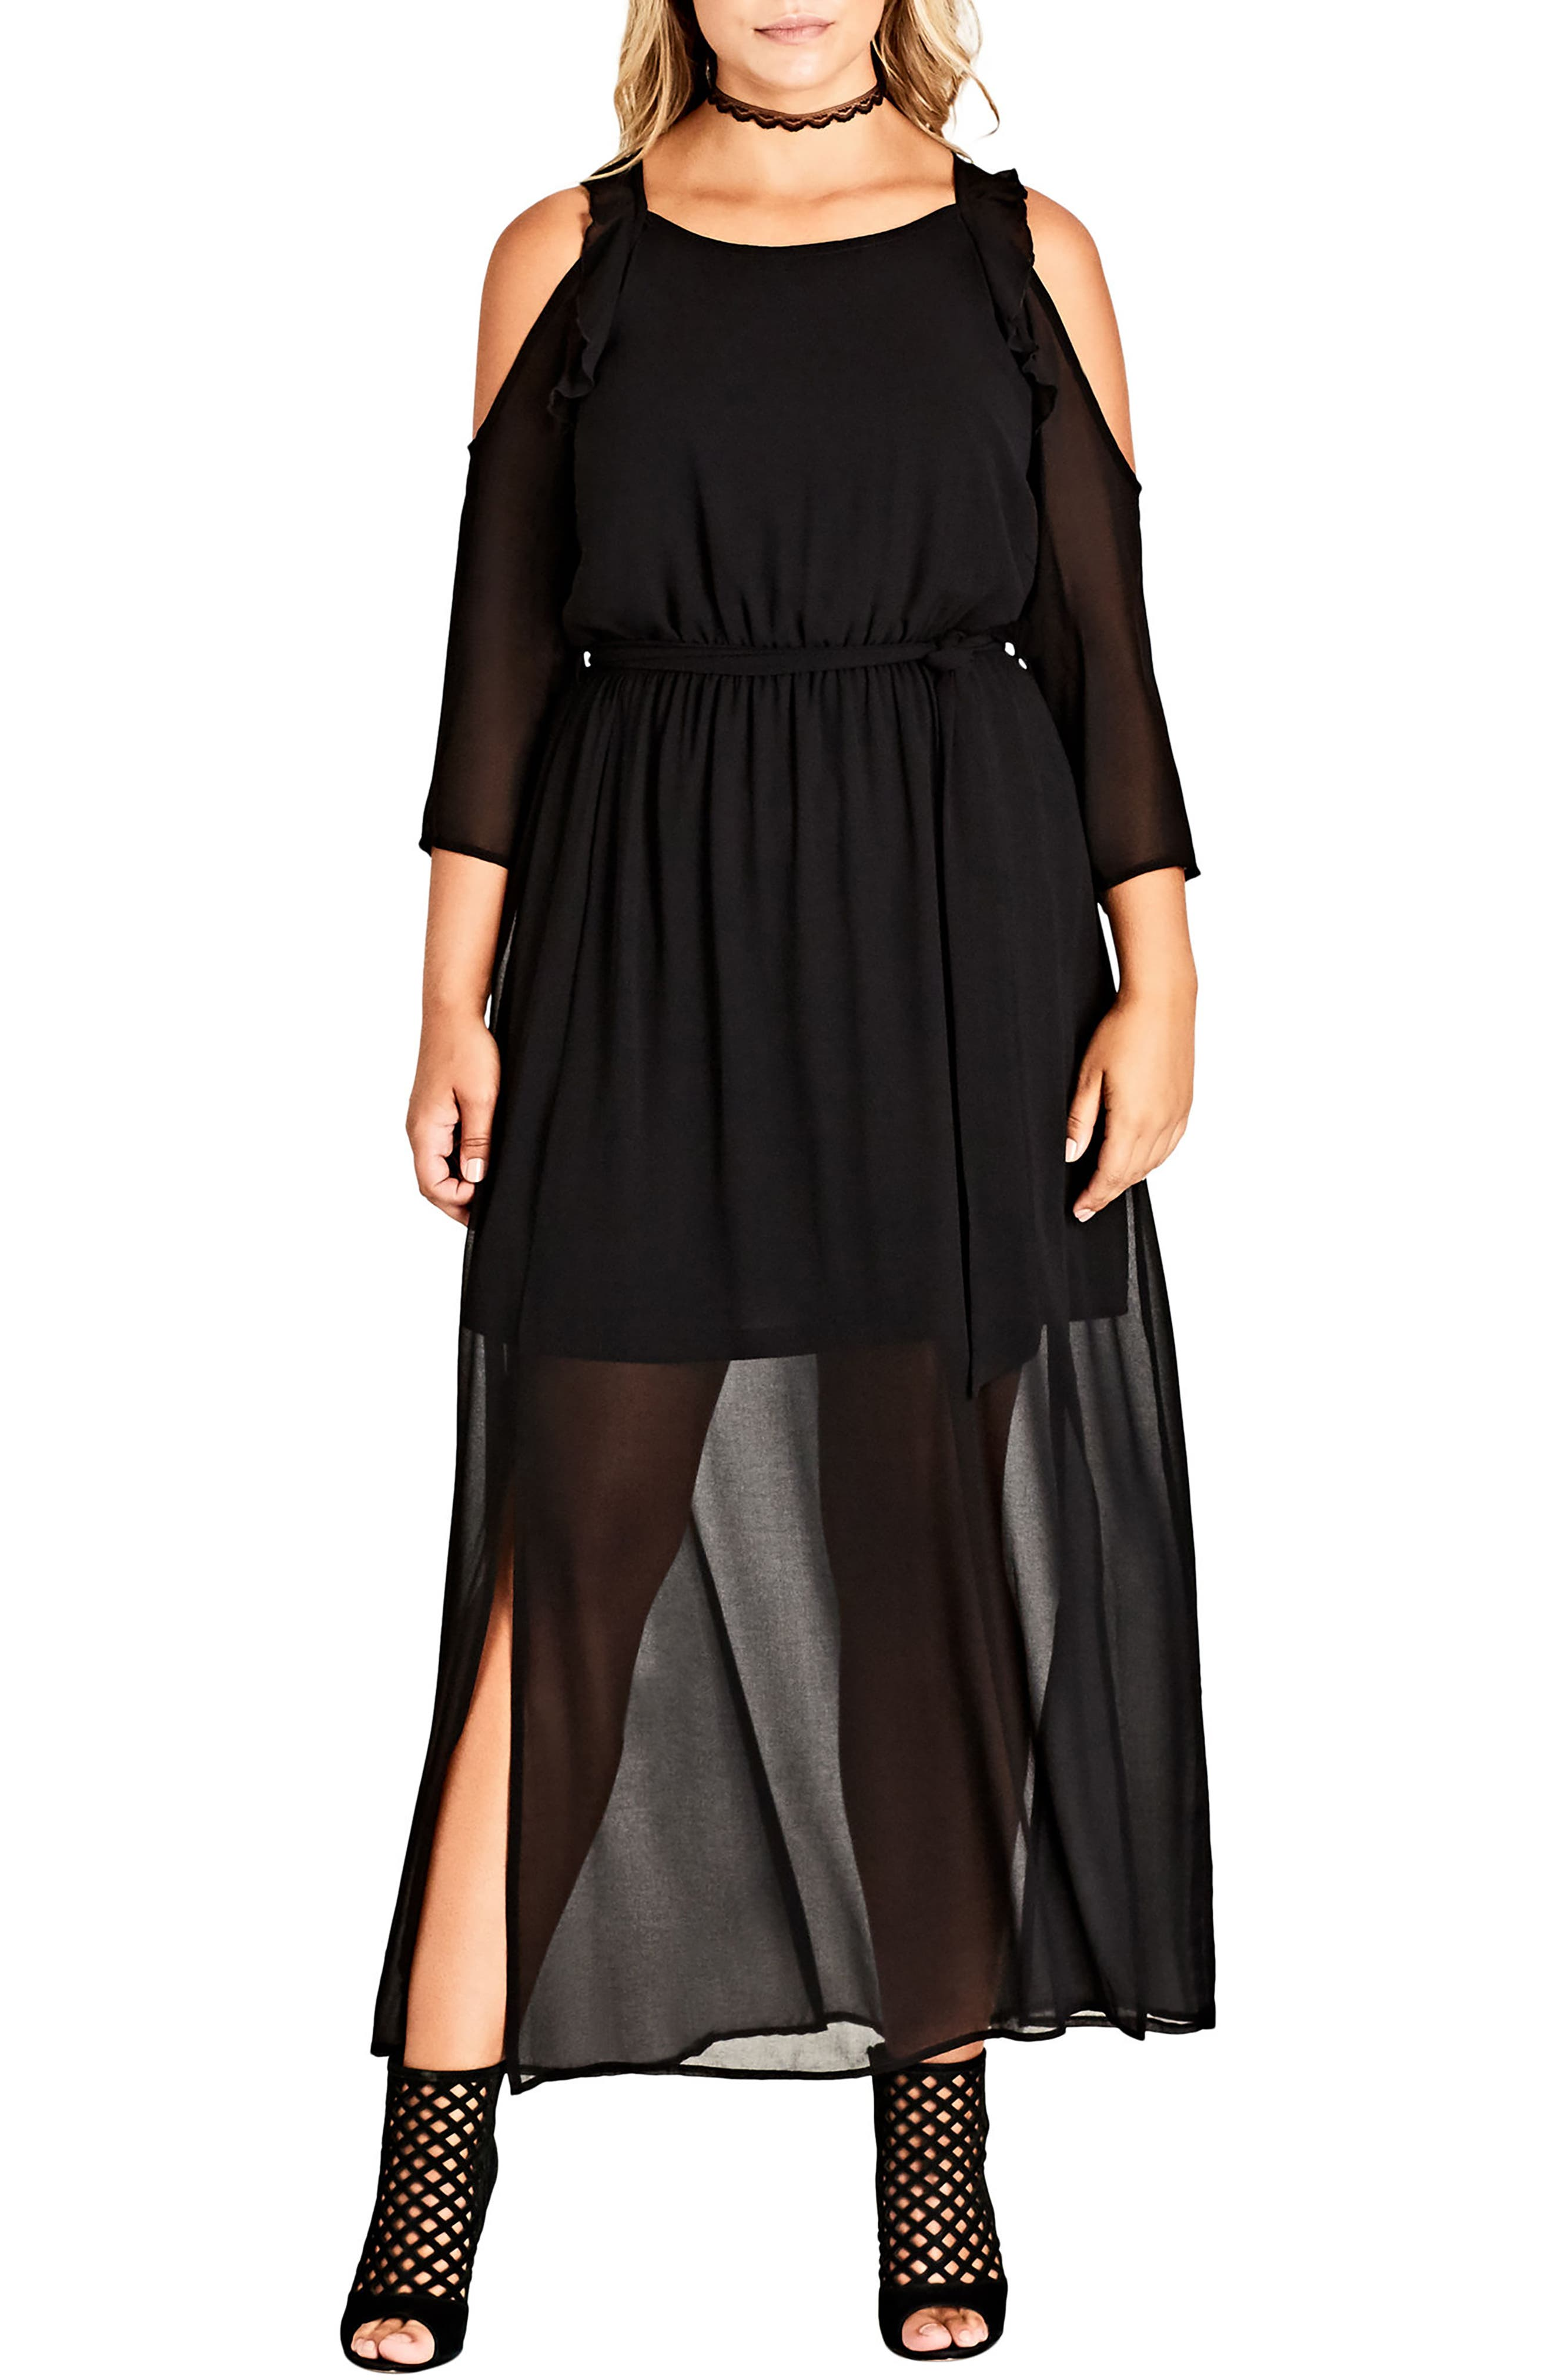 Main Image - City Chic Cold Shoulder Maxi Dress (Plus Size)